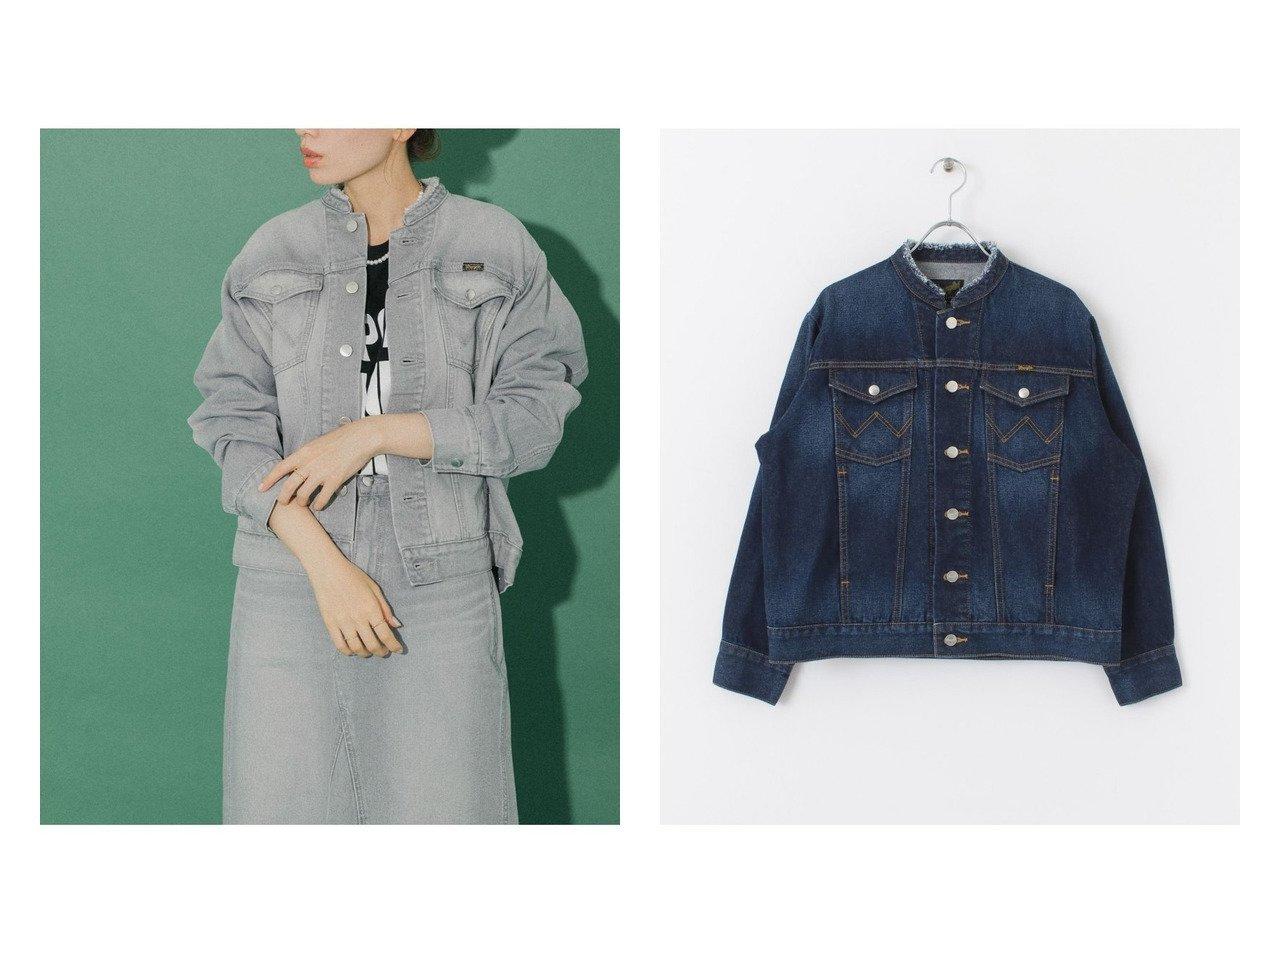 【Sonny Label / URBAN RESEARCH/サニーレーベル】の【別注】WranglerSonny Label カットオフデニムジャケット 別注・限定・コラボなど、おすすめ!人気、トレンド・レディースファッションの通販 おすすめで人気の流行・トレンド、ファッションの通販商品 インテリア・家具・メンズファッション・キッズファッション・レディースファッション・服の通販 founy(ファニー) https://founy.com/ ファッション Fashion レディースファッション WOMEN アウター Coat Outerwear コート Coats ジャケット Jackets デニムジャケット Denim Jackets カットオフ ジャケット ジーンズ スペシャル セットアップ デニム 定番 Standard 人気 別注 メンズ ワーク 再入荷 Restock/Back in Stock/Re Arrival NEW・新作・新着・新入荷 New Arrivals |ID:crp329100000060994